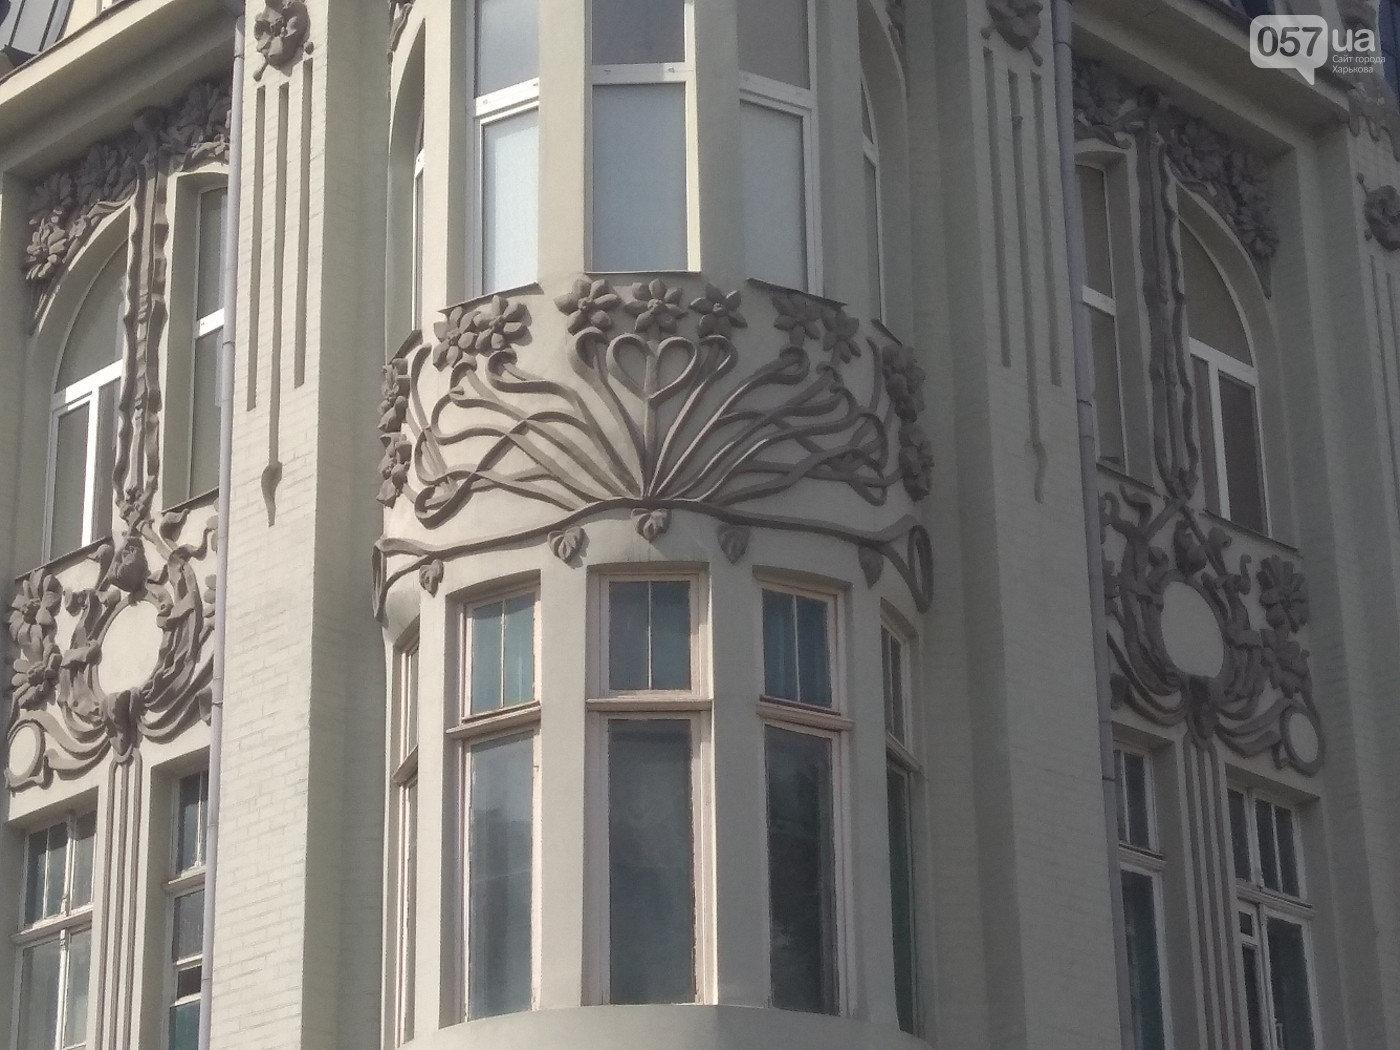 Истории старинных зданий: ТОП-10 красивых доходных домов Харькова, - ФОТО, фото-8